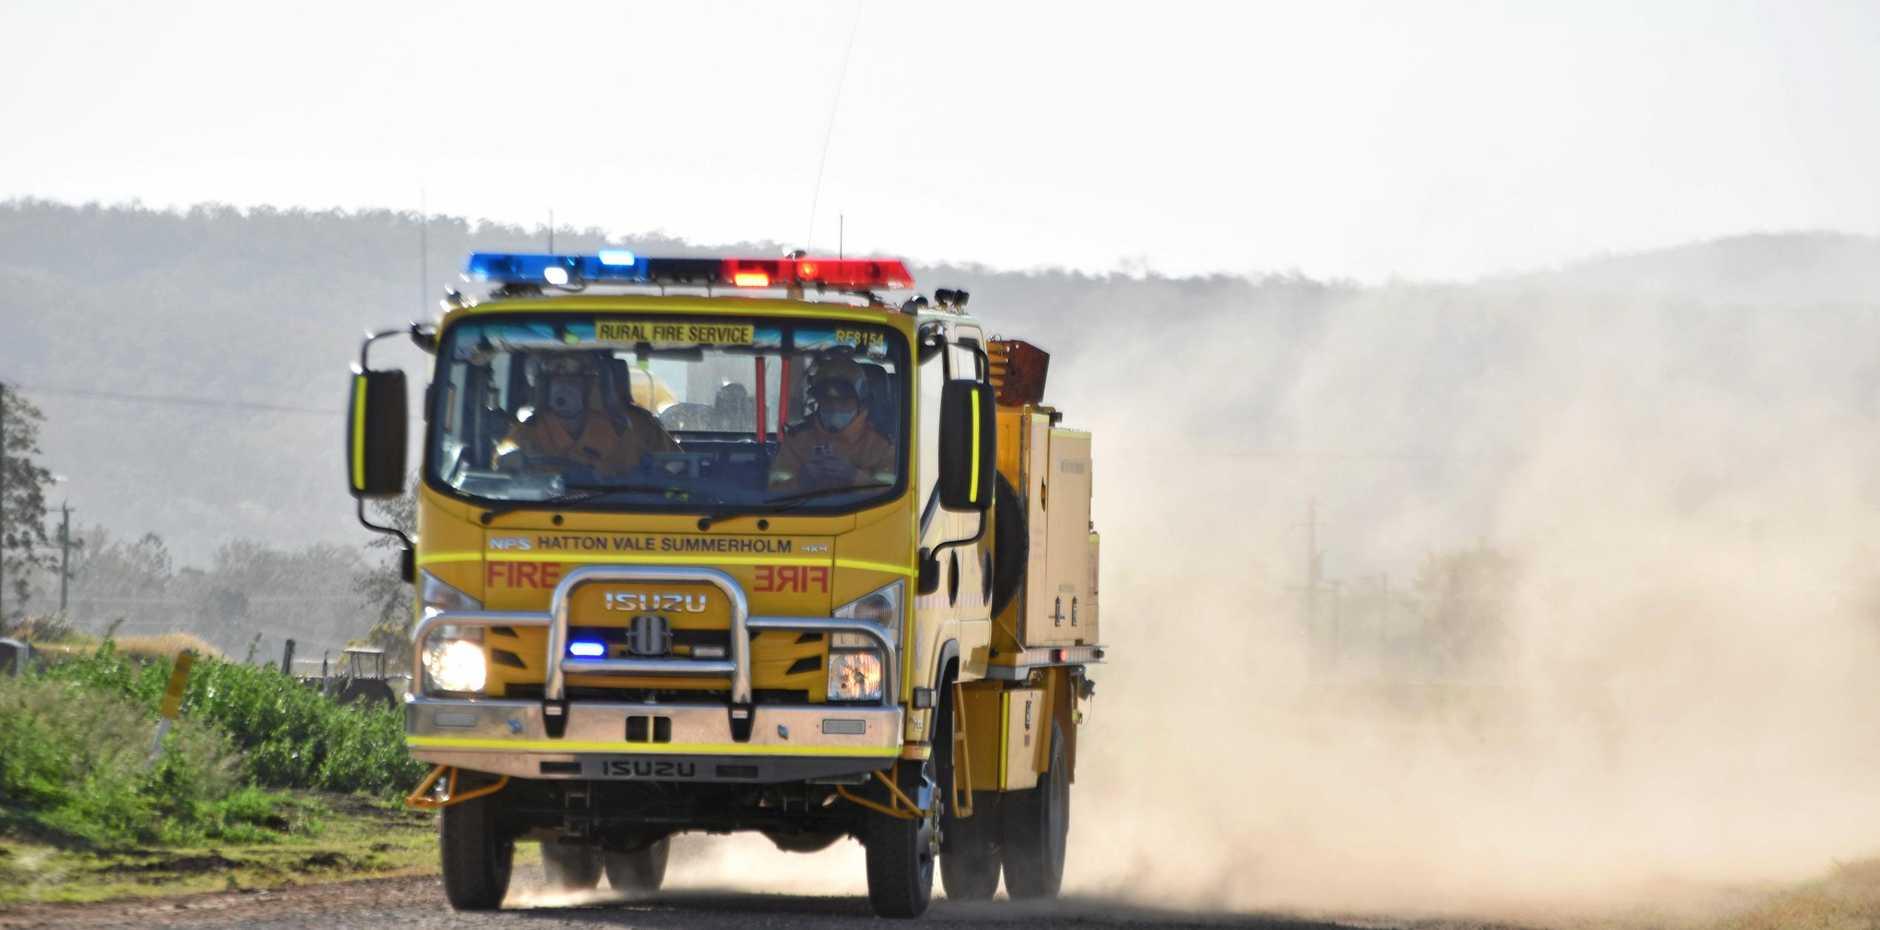 A rural fire truck.